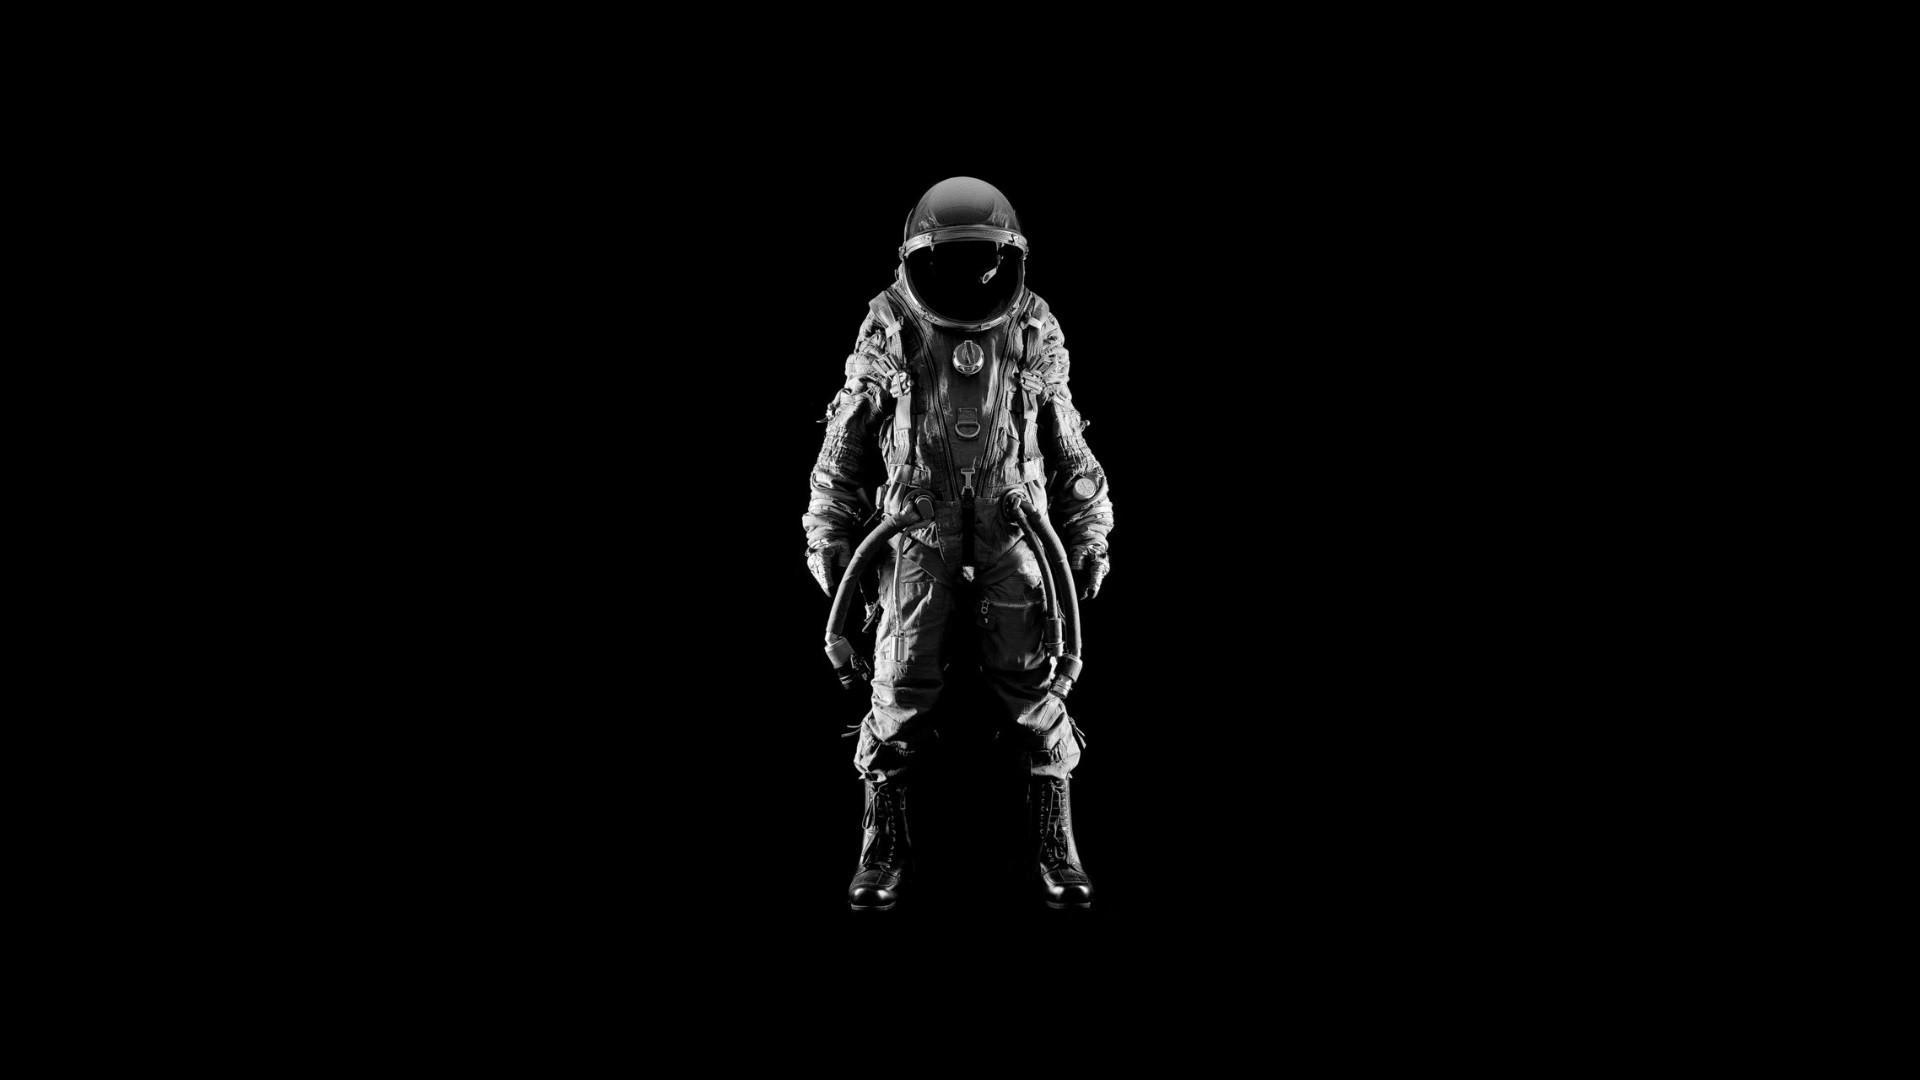 Res: 1920x1080, Men suit helmets simple background black astronaut wallpaper